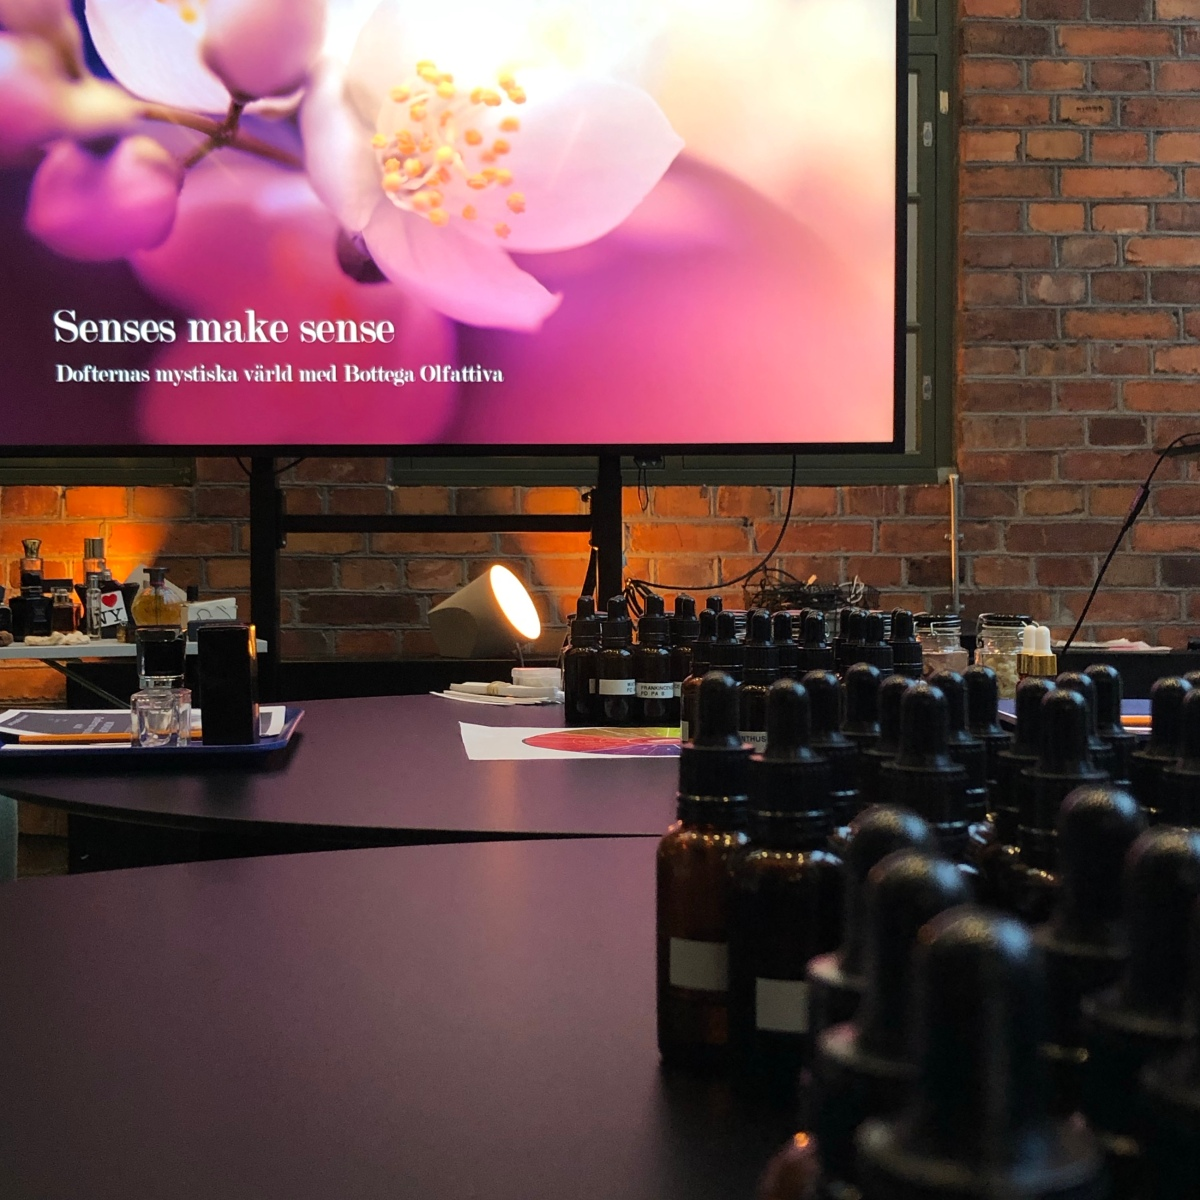 Februariworkshop FULLBOKAD! Lär dig mer om dofter och gör din egen parfym! Parfymkurs den 30:e mars